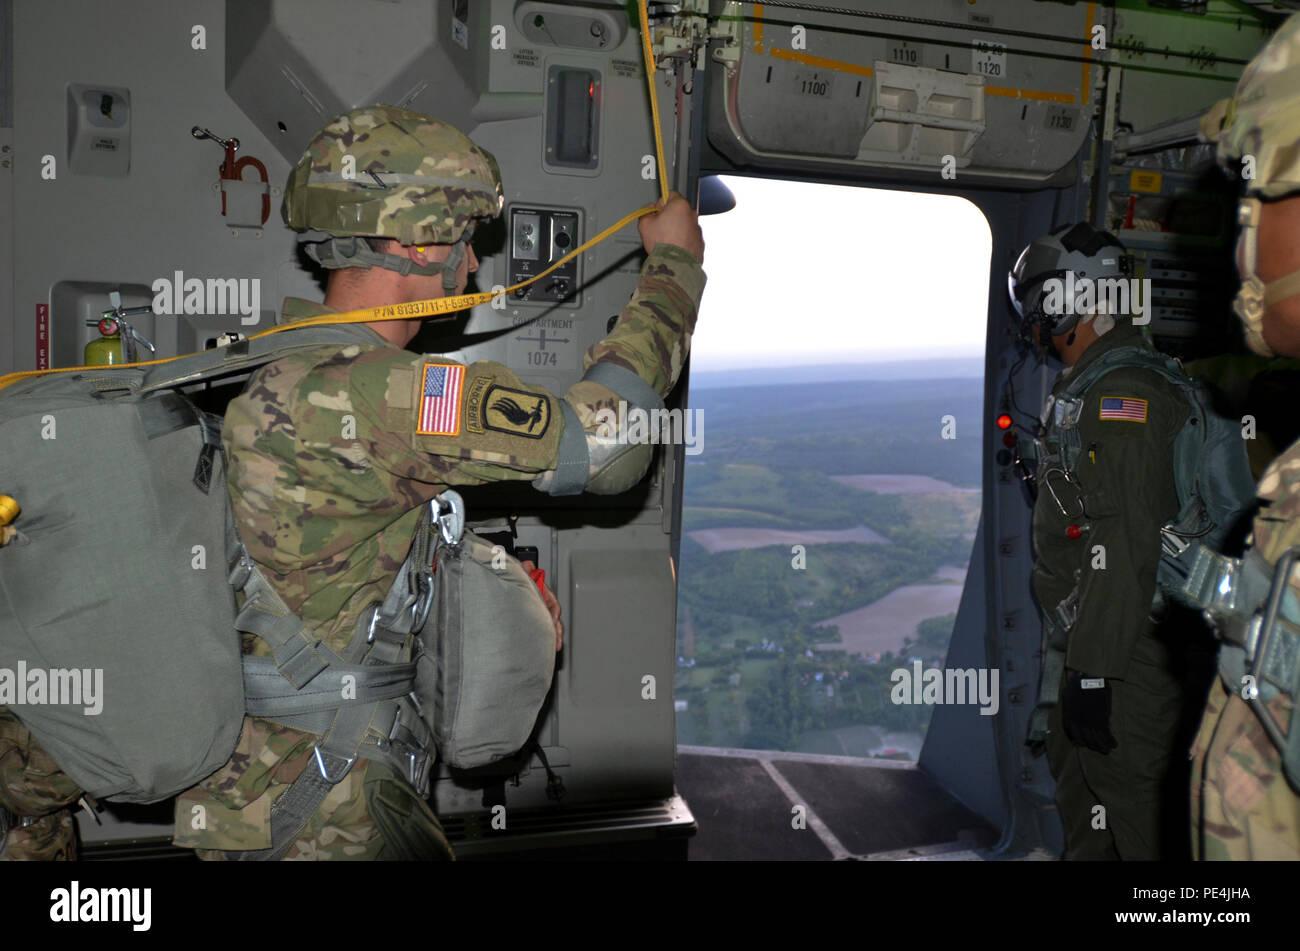 El Sargento. Thomas Bryant, un jefe de salto con la 173ª Brigada Aerotransportada, junto un loadmaster de la Fuerza Aérea de EE.UU. 18ª Ala de Transporte Aéreo busca su punto de referencia durante un combinado estadounidense-húngaro operación aerotransportada como parte del ejercicio valiente guerrero, cerca de Gyor, Hungría, del 16 de septiembre. Imagen De Stock